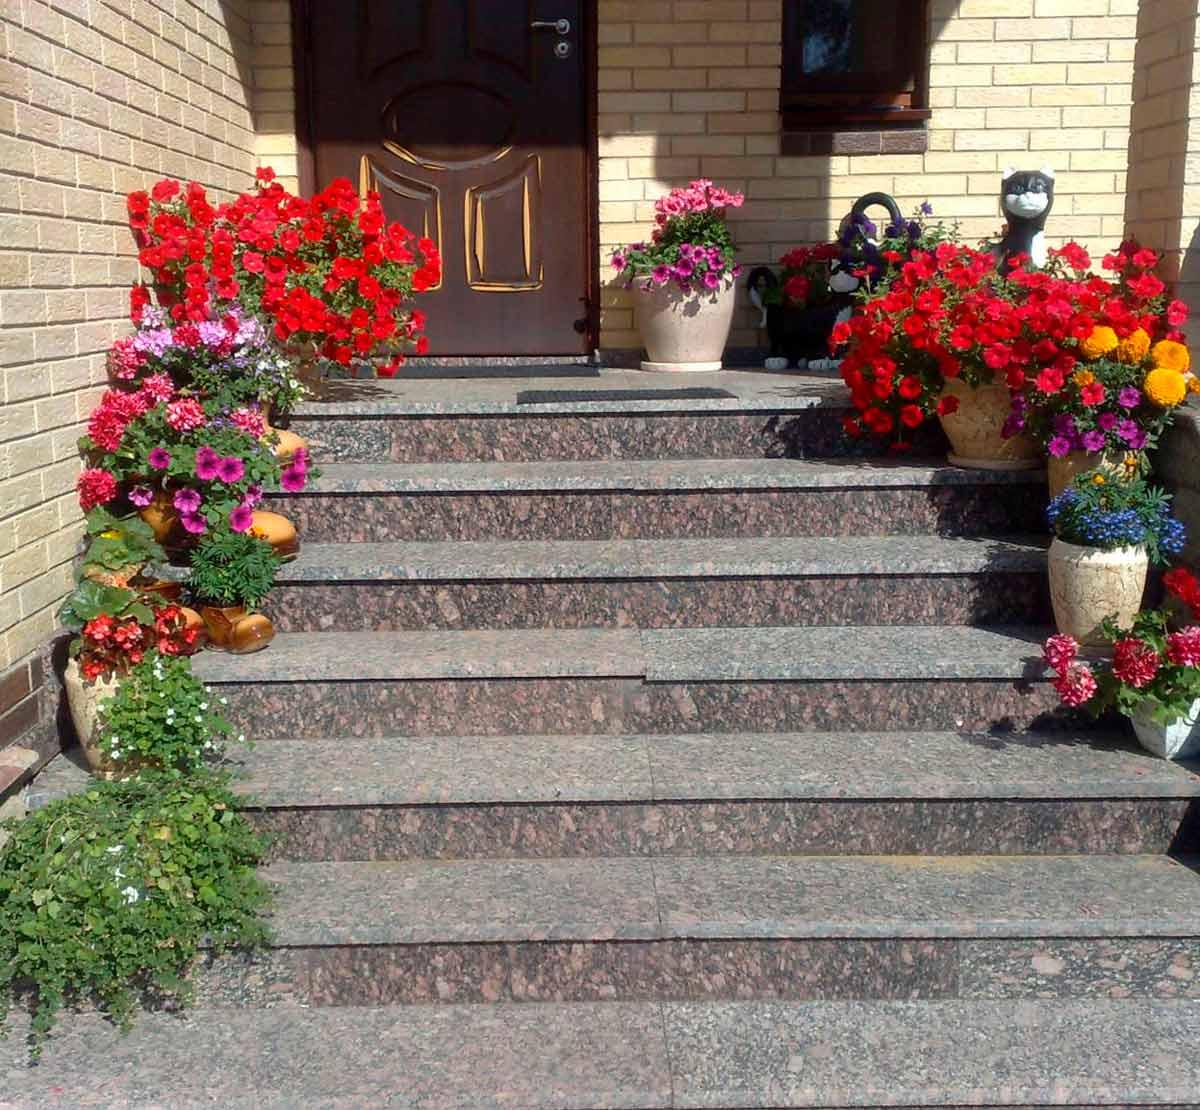 Размещение цветов в горшках на ступеньках крыльца